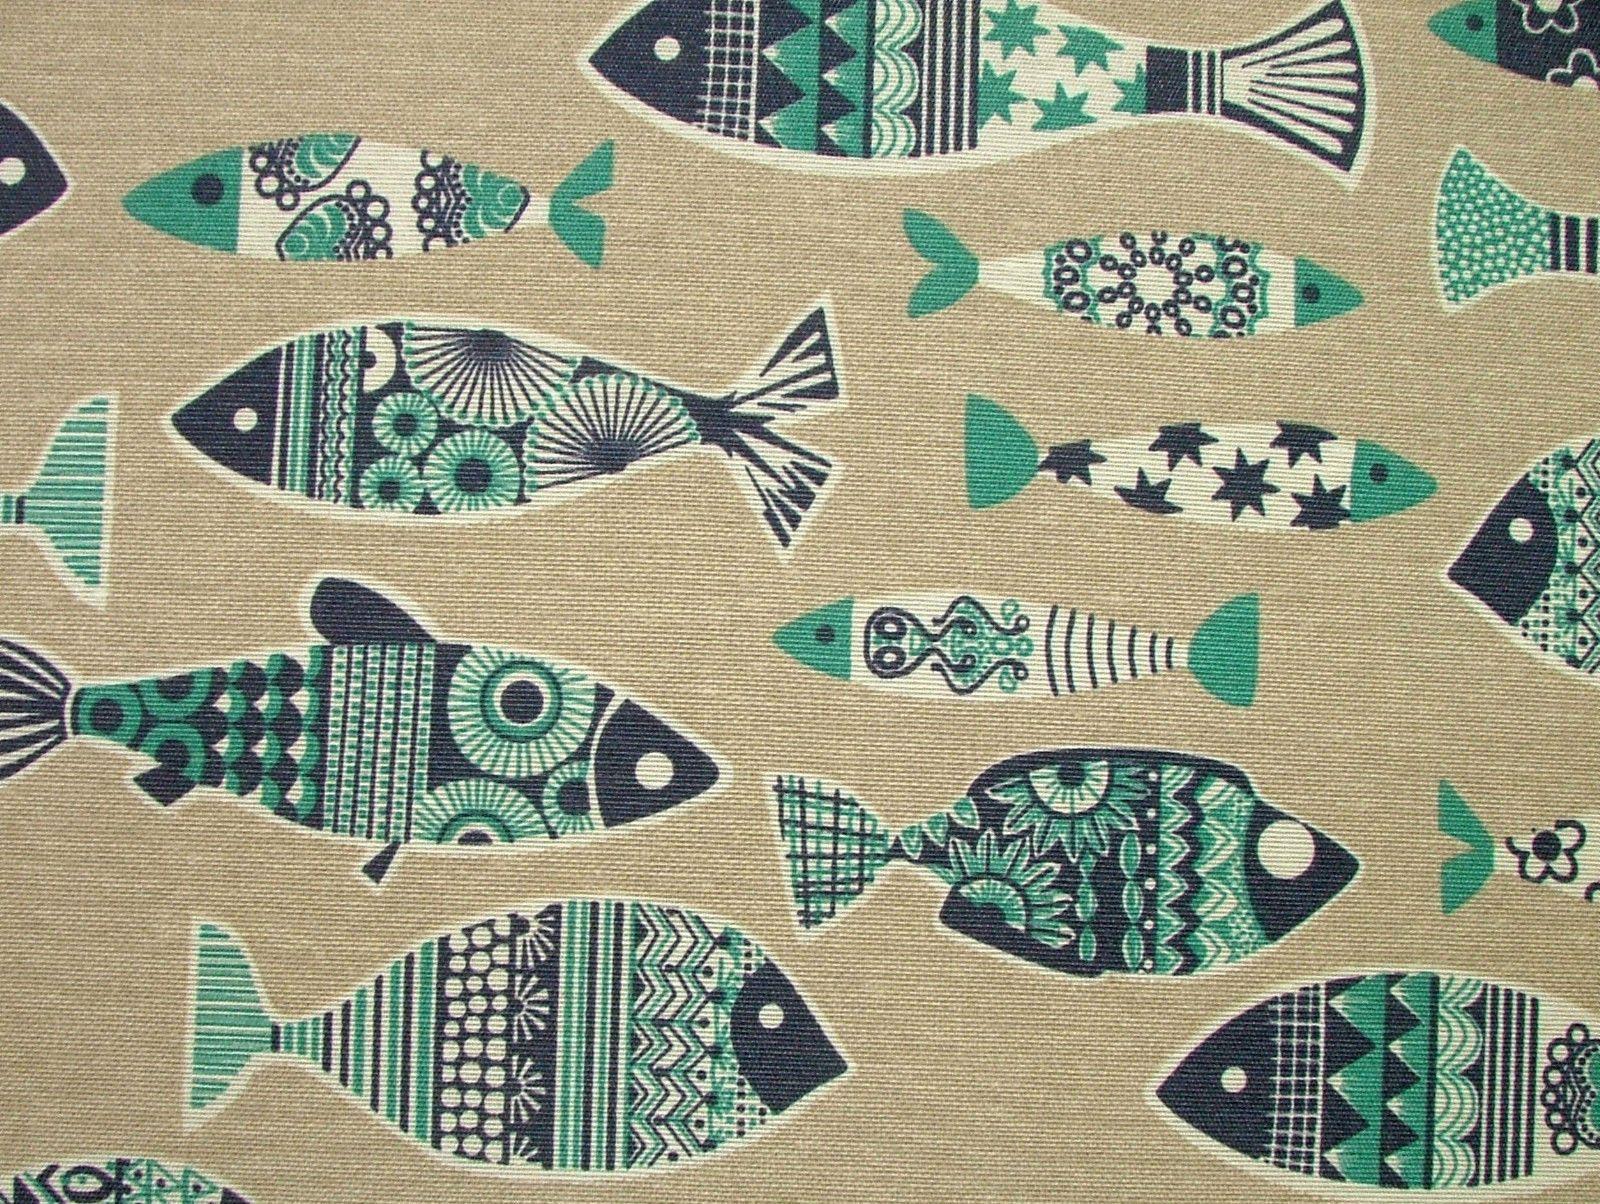 Scandinavian Fish Natural Linen Look Curtain Upholstery Quilting Designer Fabric Scandinavian Upholstery Fabric Fish Design Scandinavian Pattern